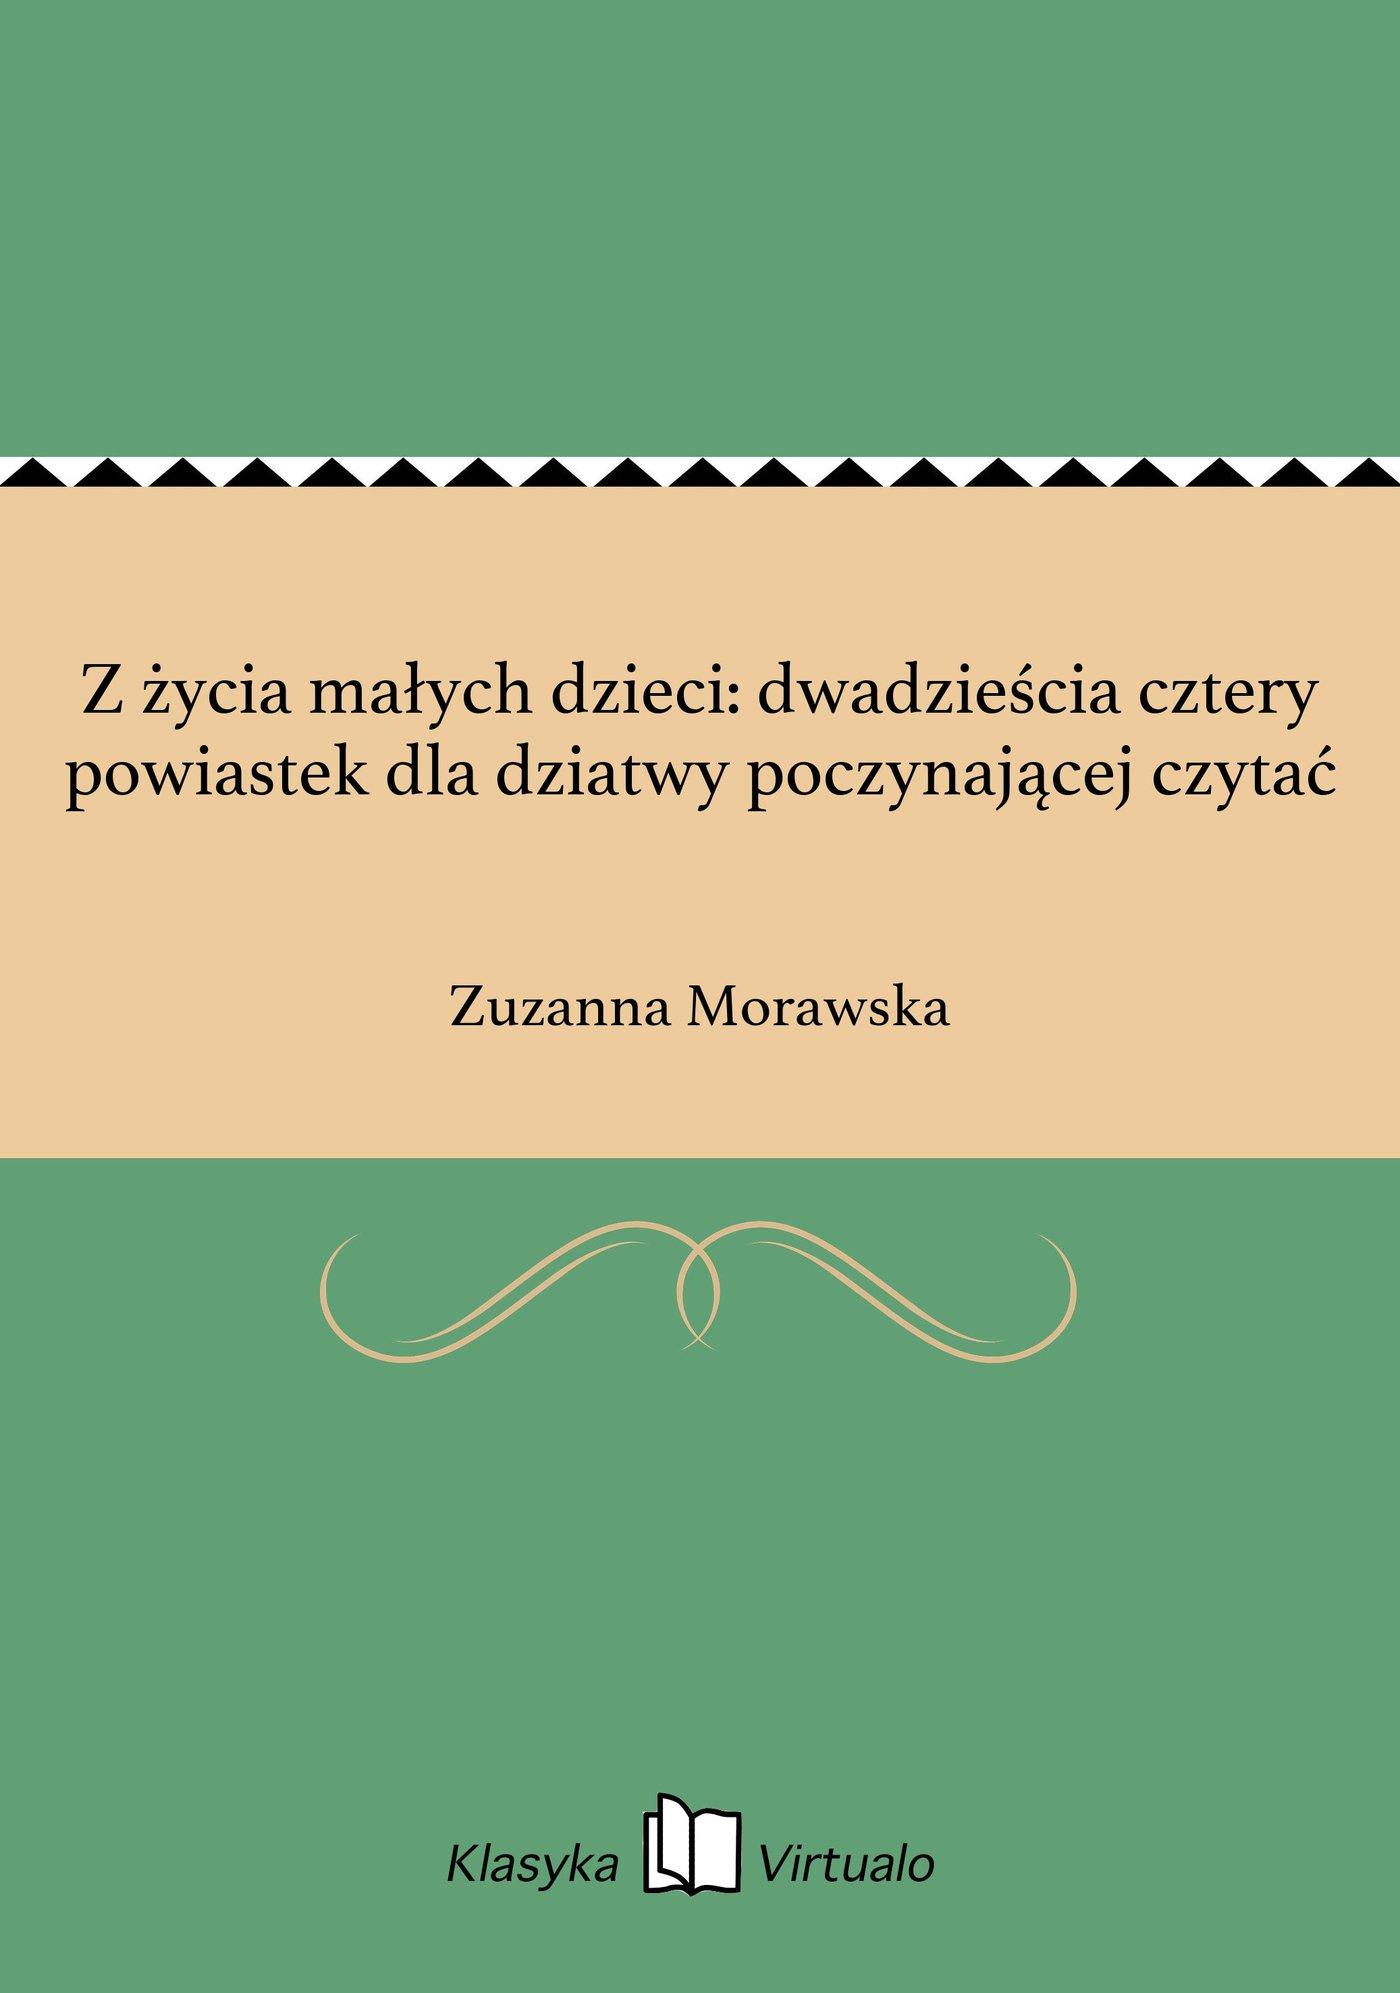 Z życia małych dzieci: dwadzieścia cztery powiastek dla dziatwy poczynającej czytać - Ebook (Książka EPUB) do pobrania w formacie EPUB